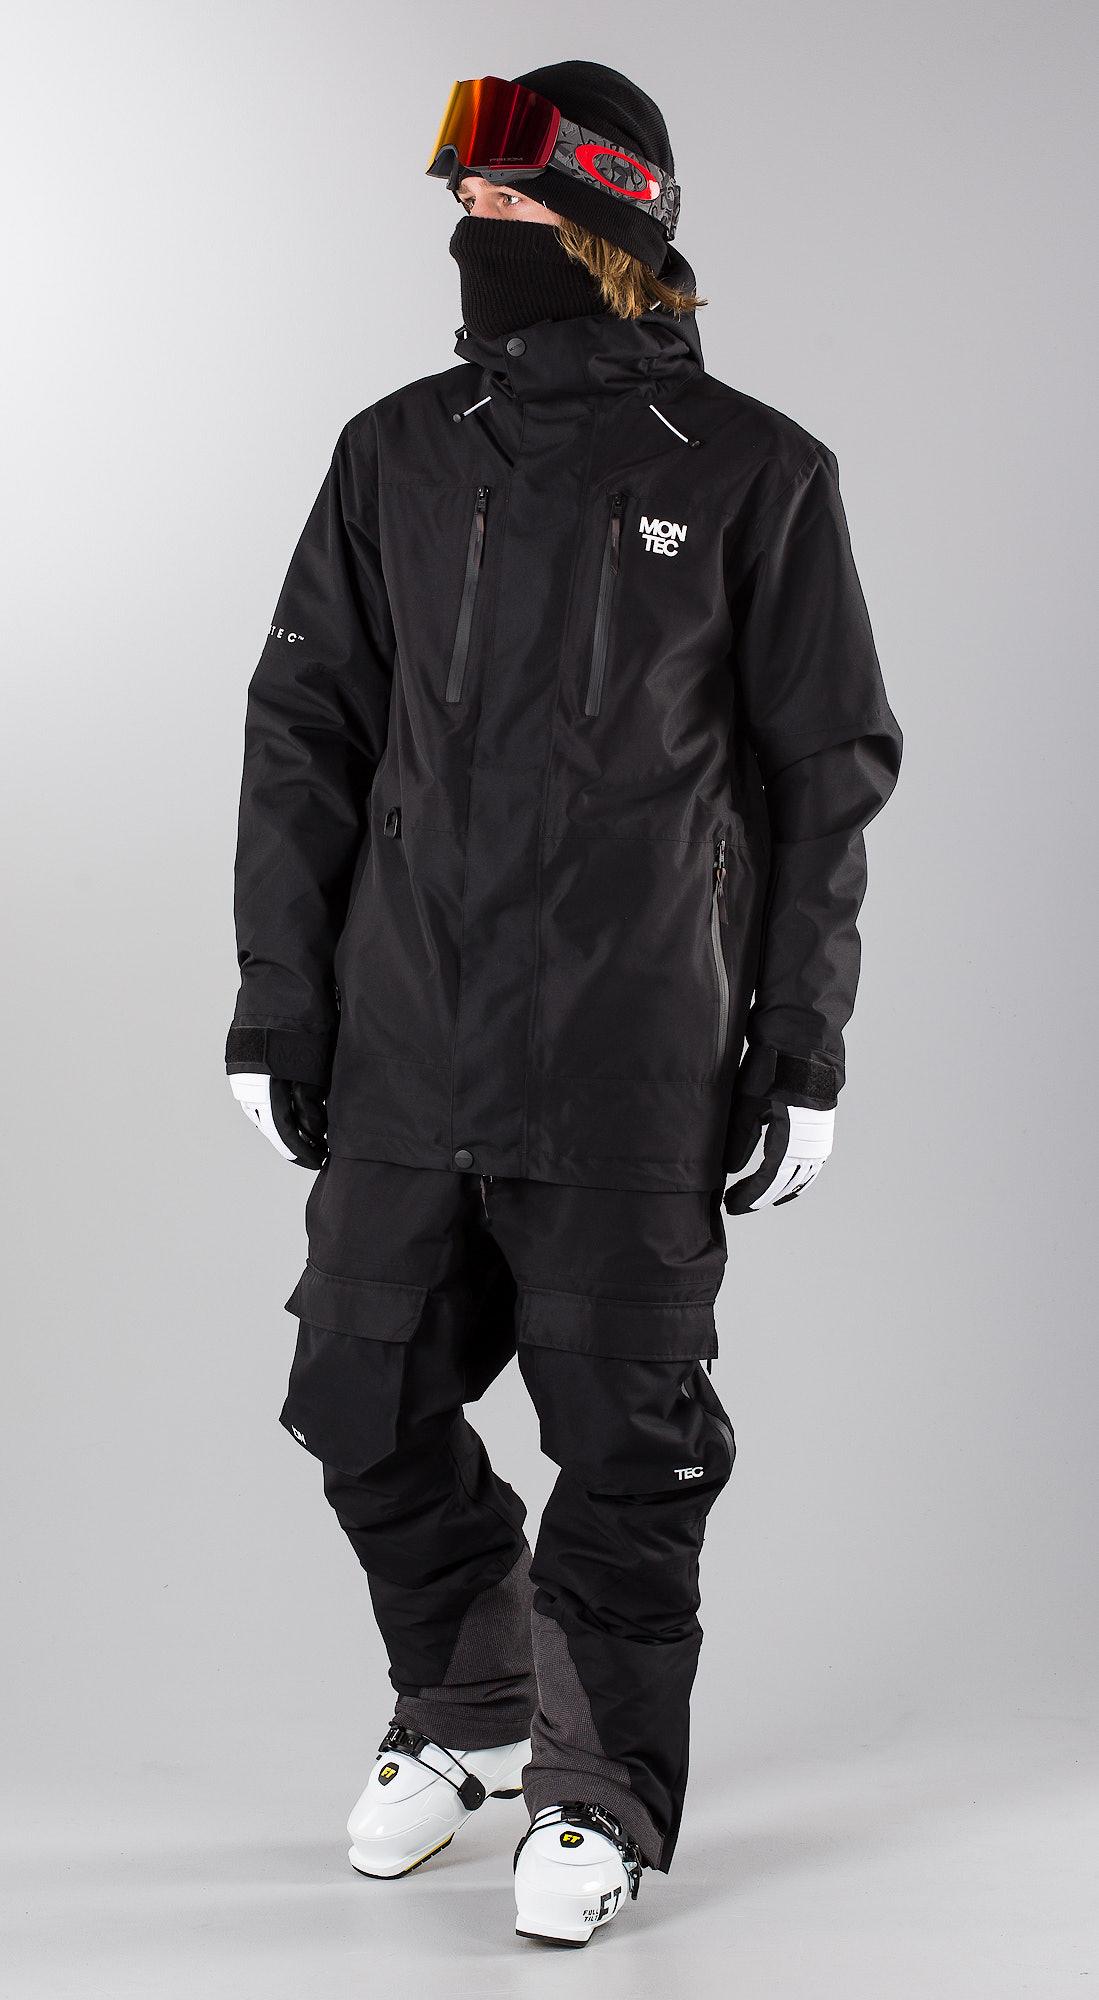 d98ce96fa6daa Skibekleidung Herren Online Kaufen